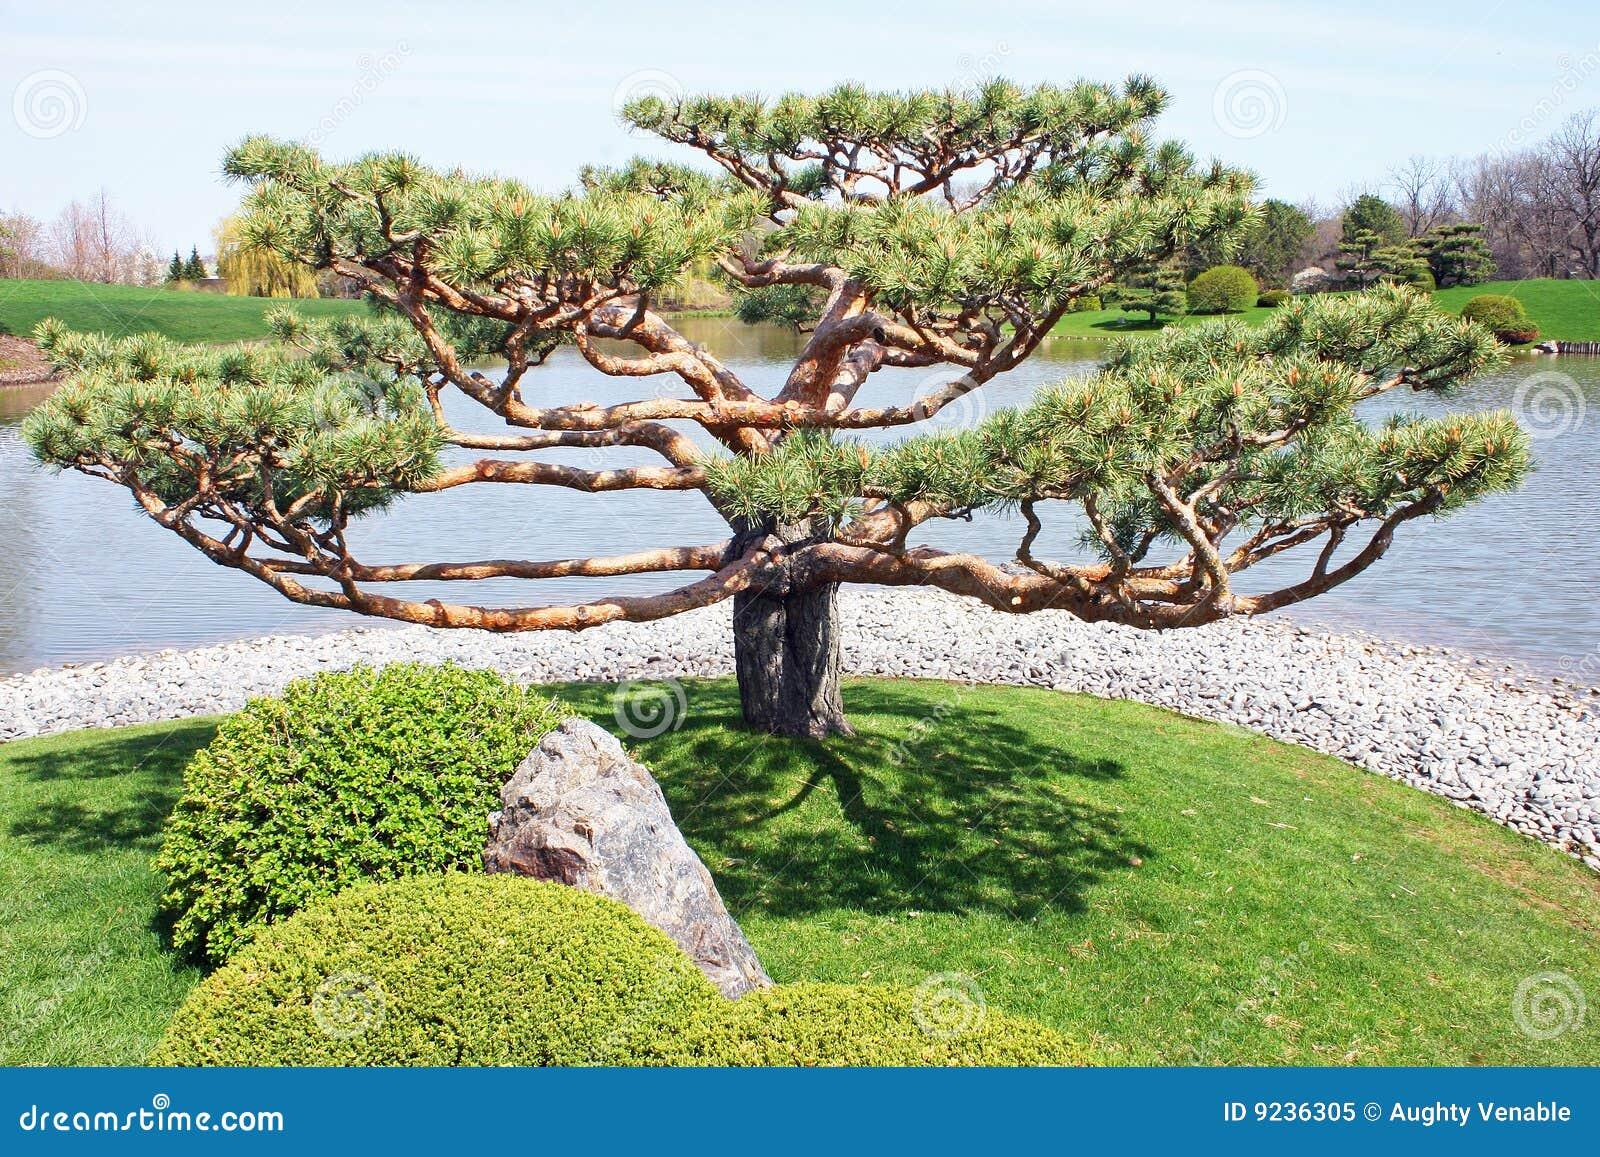 arbre japonais image stock image du abondant frais accroissement 9236305. Black Bedroom Furniture Sets. Home Design Ideas